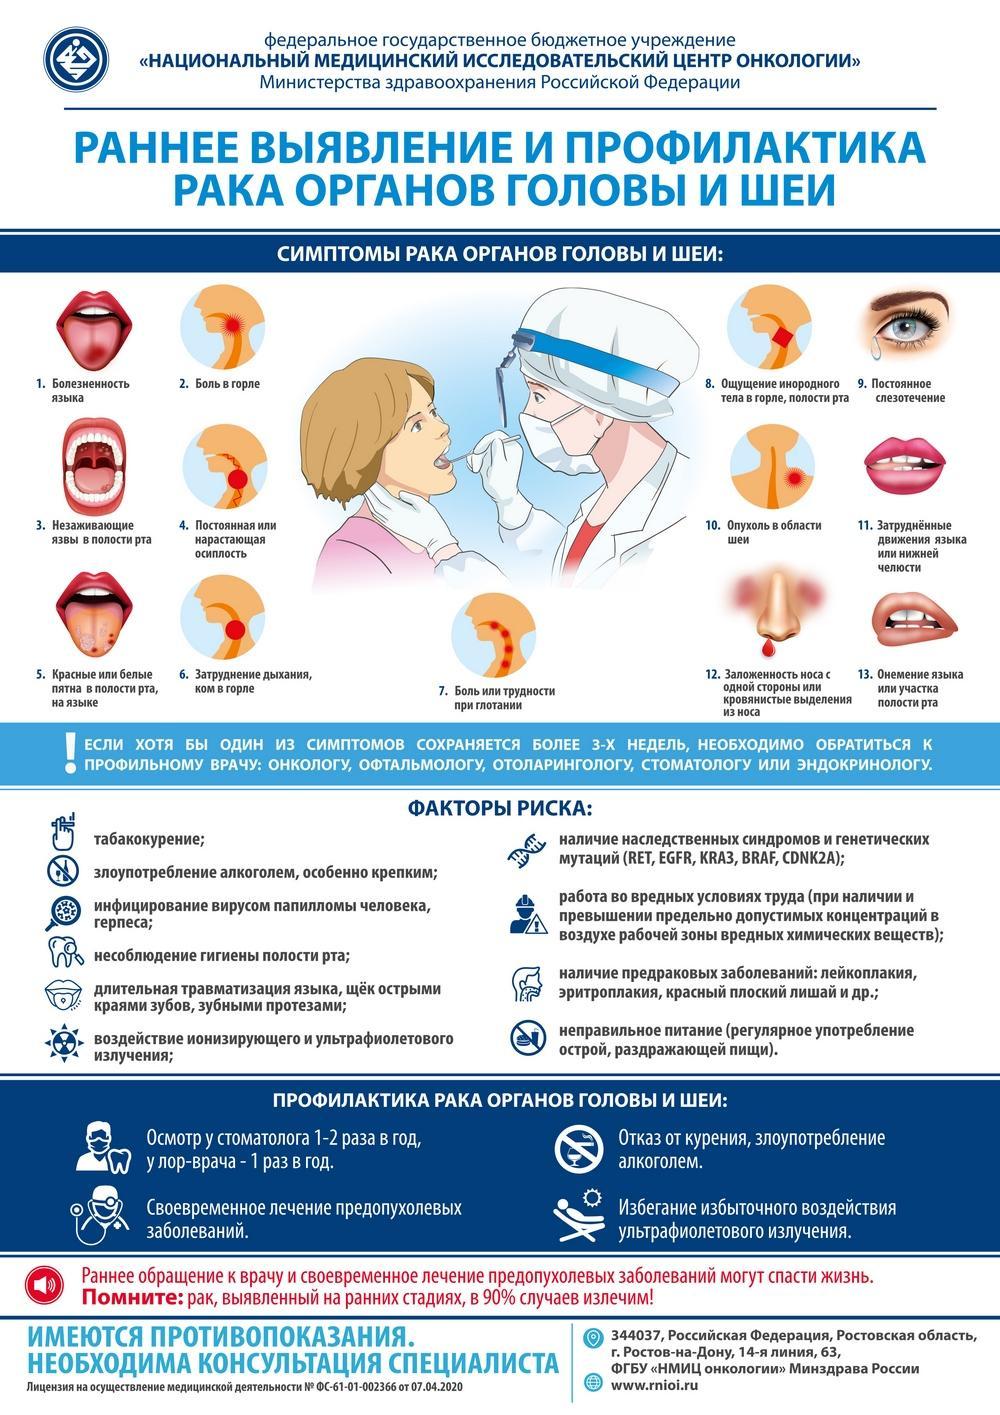 VIII Европейская неделя ранней диагностики рака органов головы и шеи